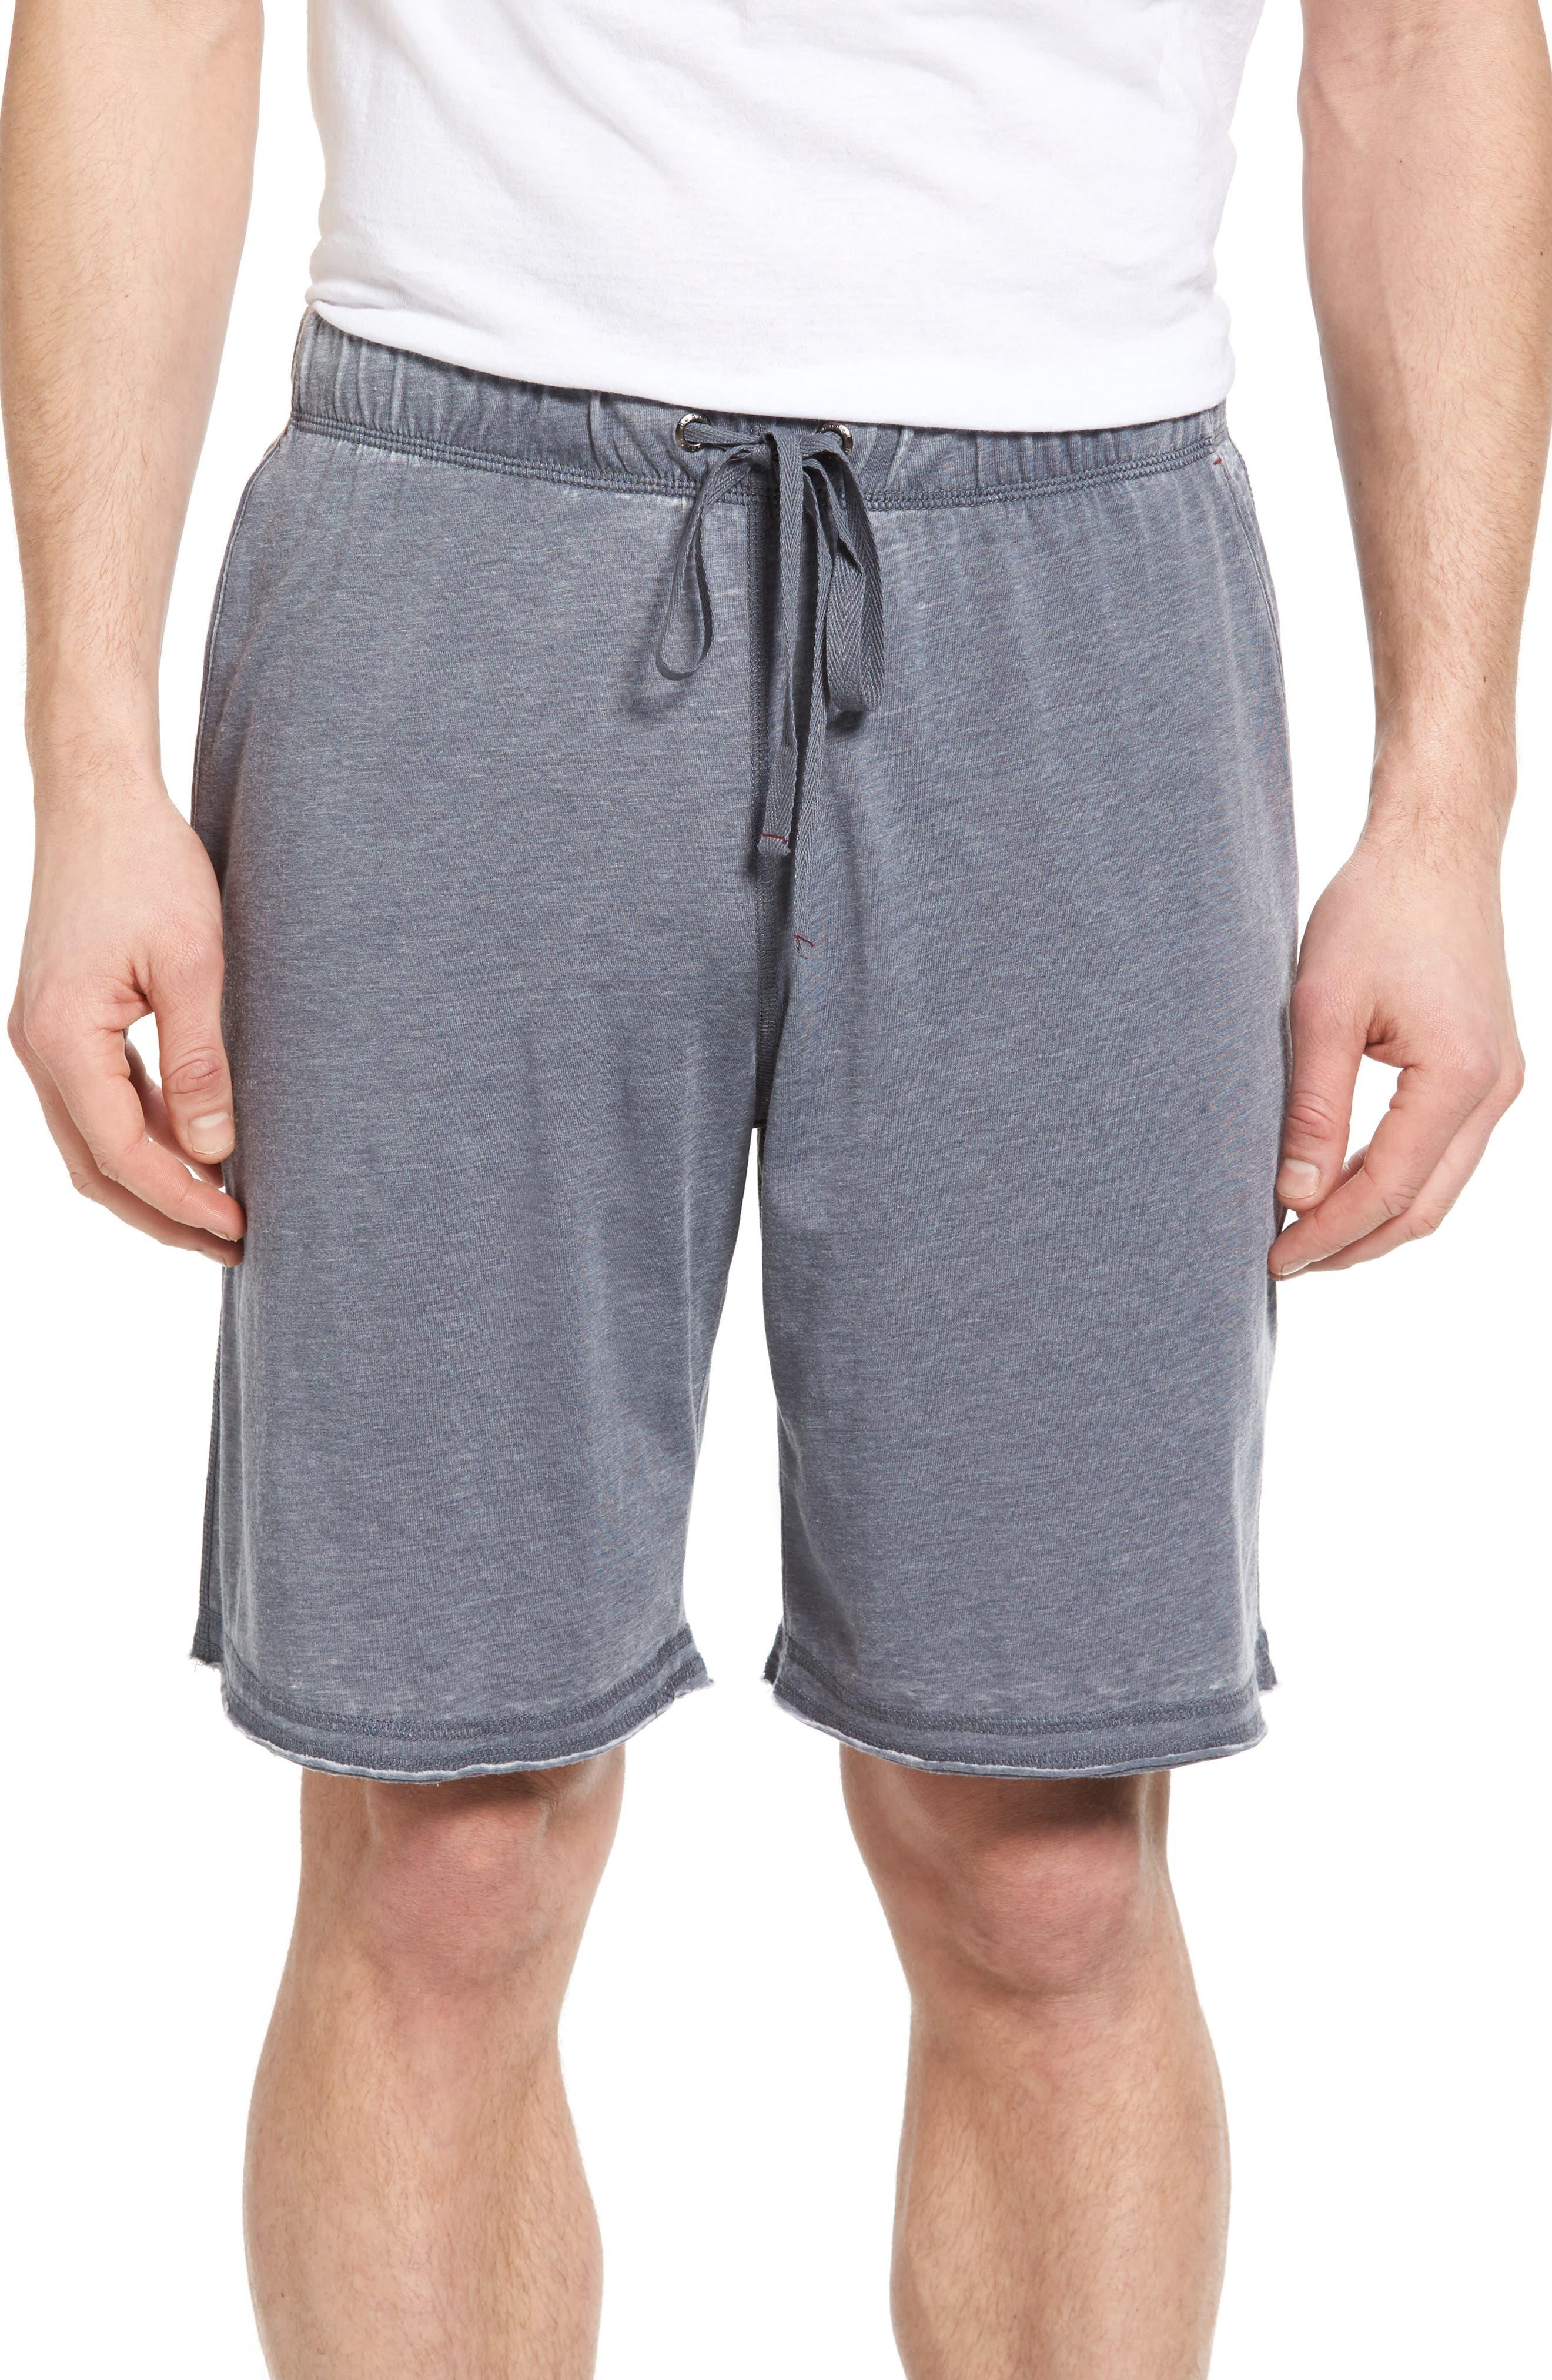 Burnout Lounge Shorts,                         Main,                         color, Charcoal